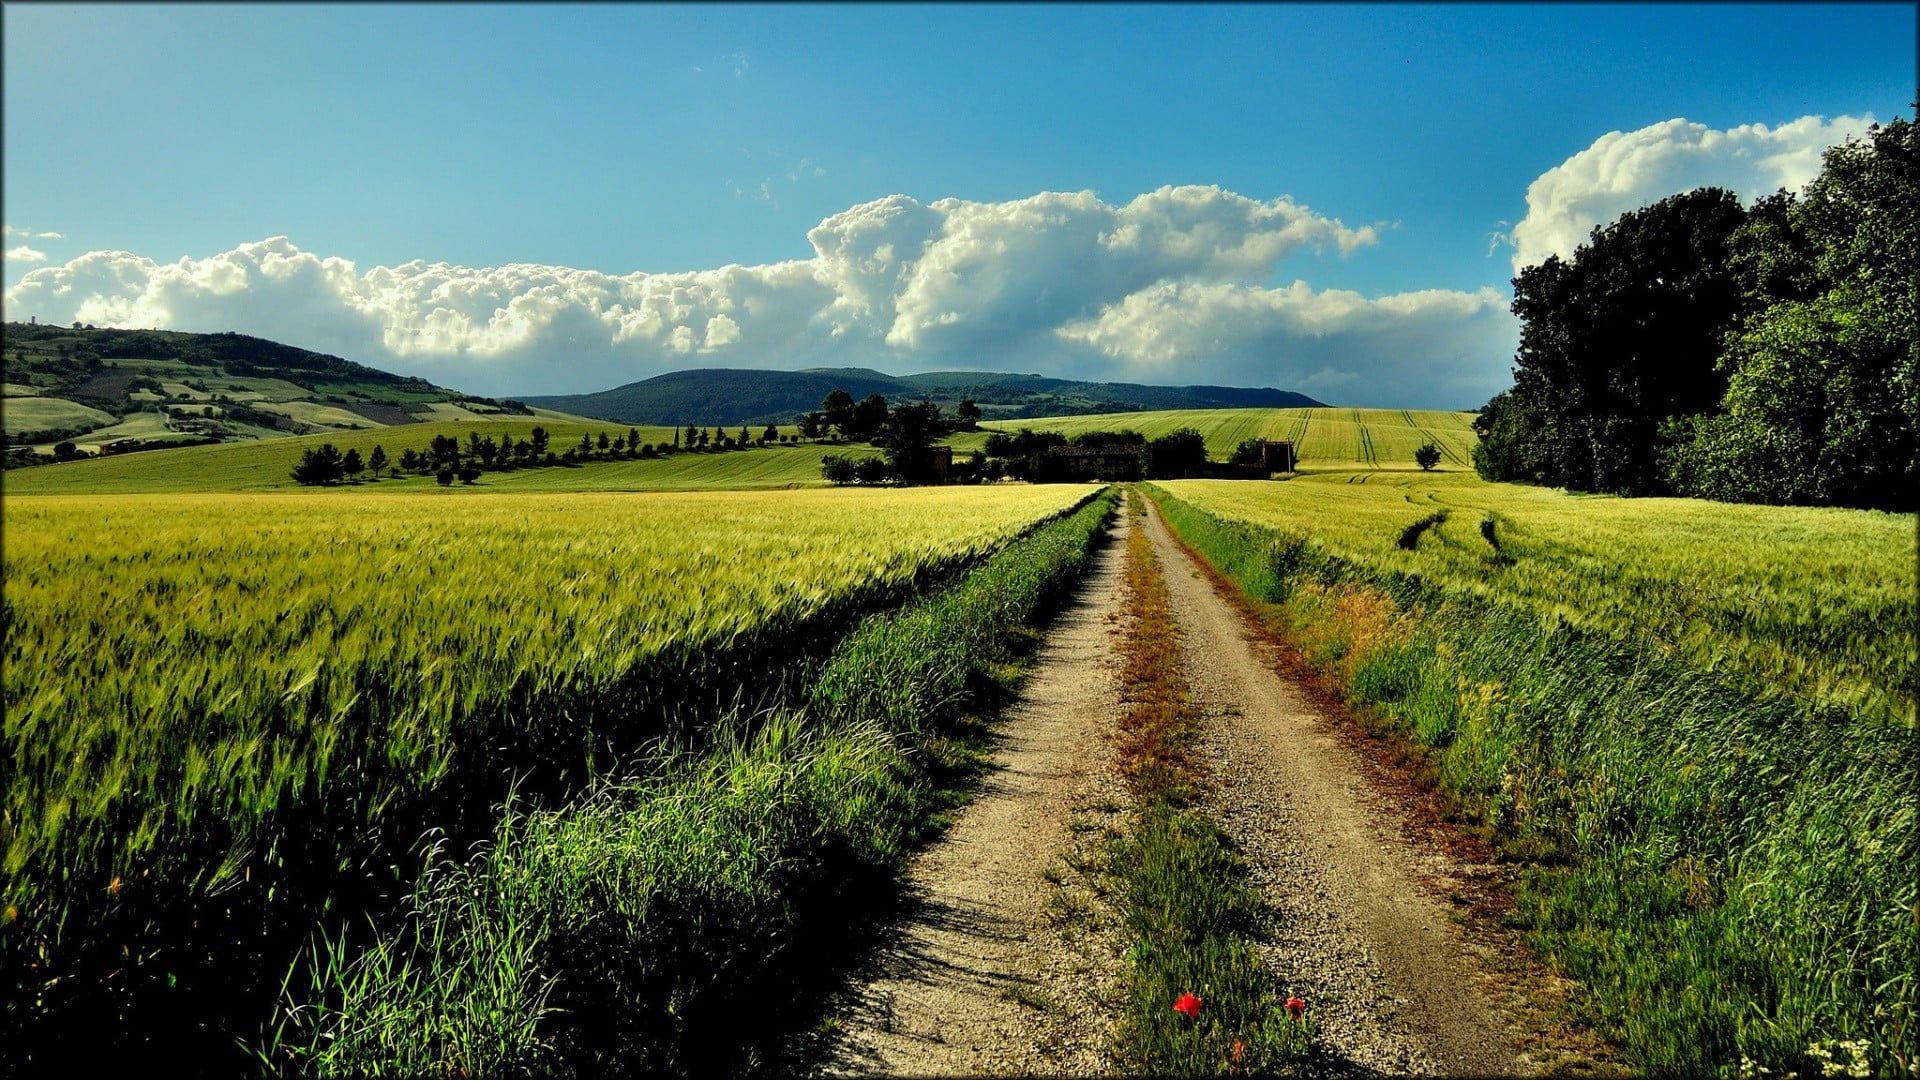 Green Grass Field Nature Landscape Path Farm Dirt Road 1080p Wallpaper Hdwallpaper Desktop Landscape Country Roads Grass Field